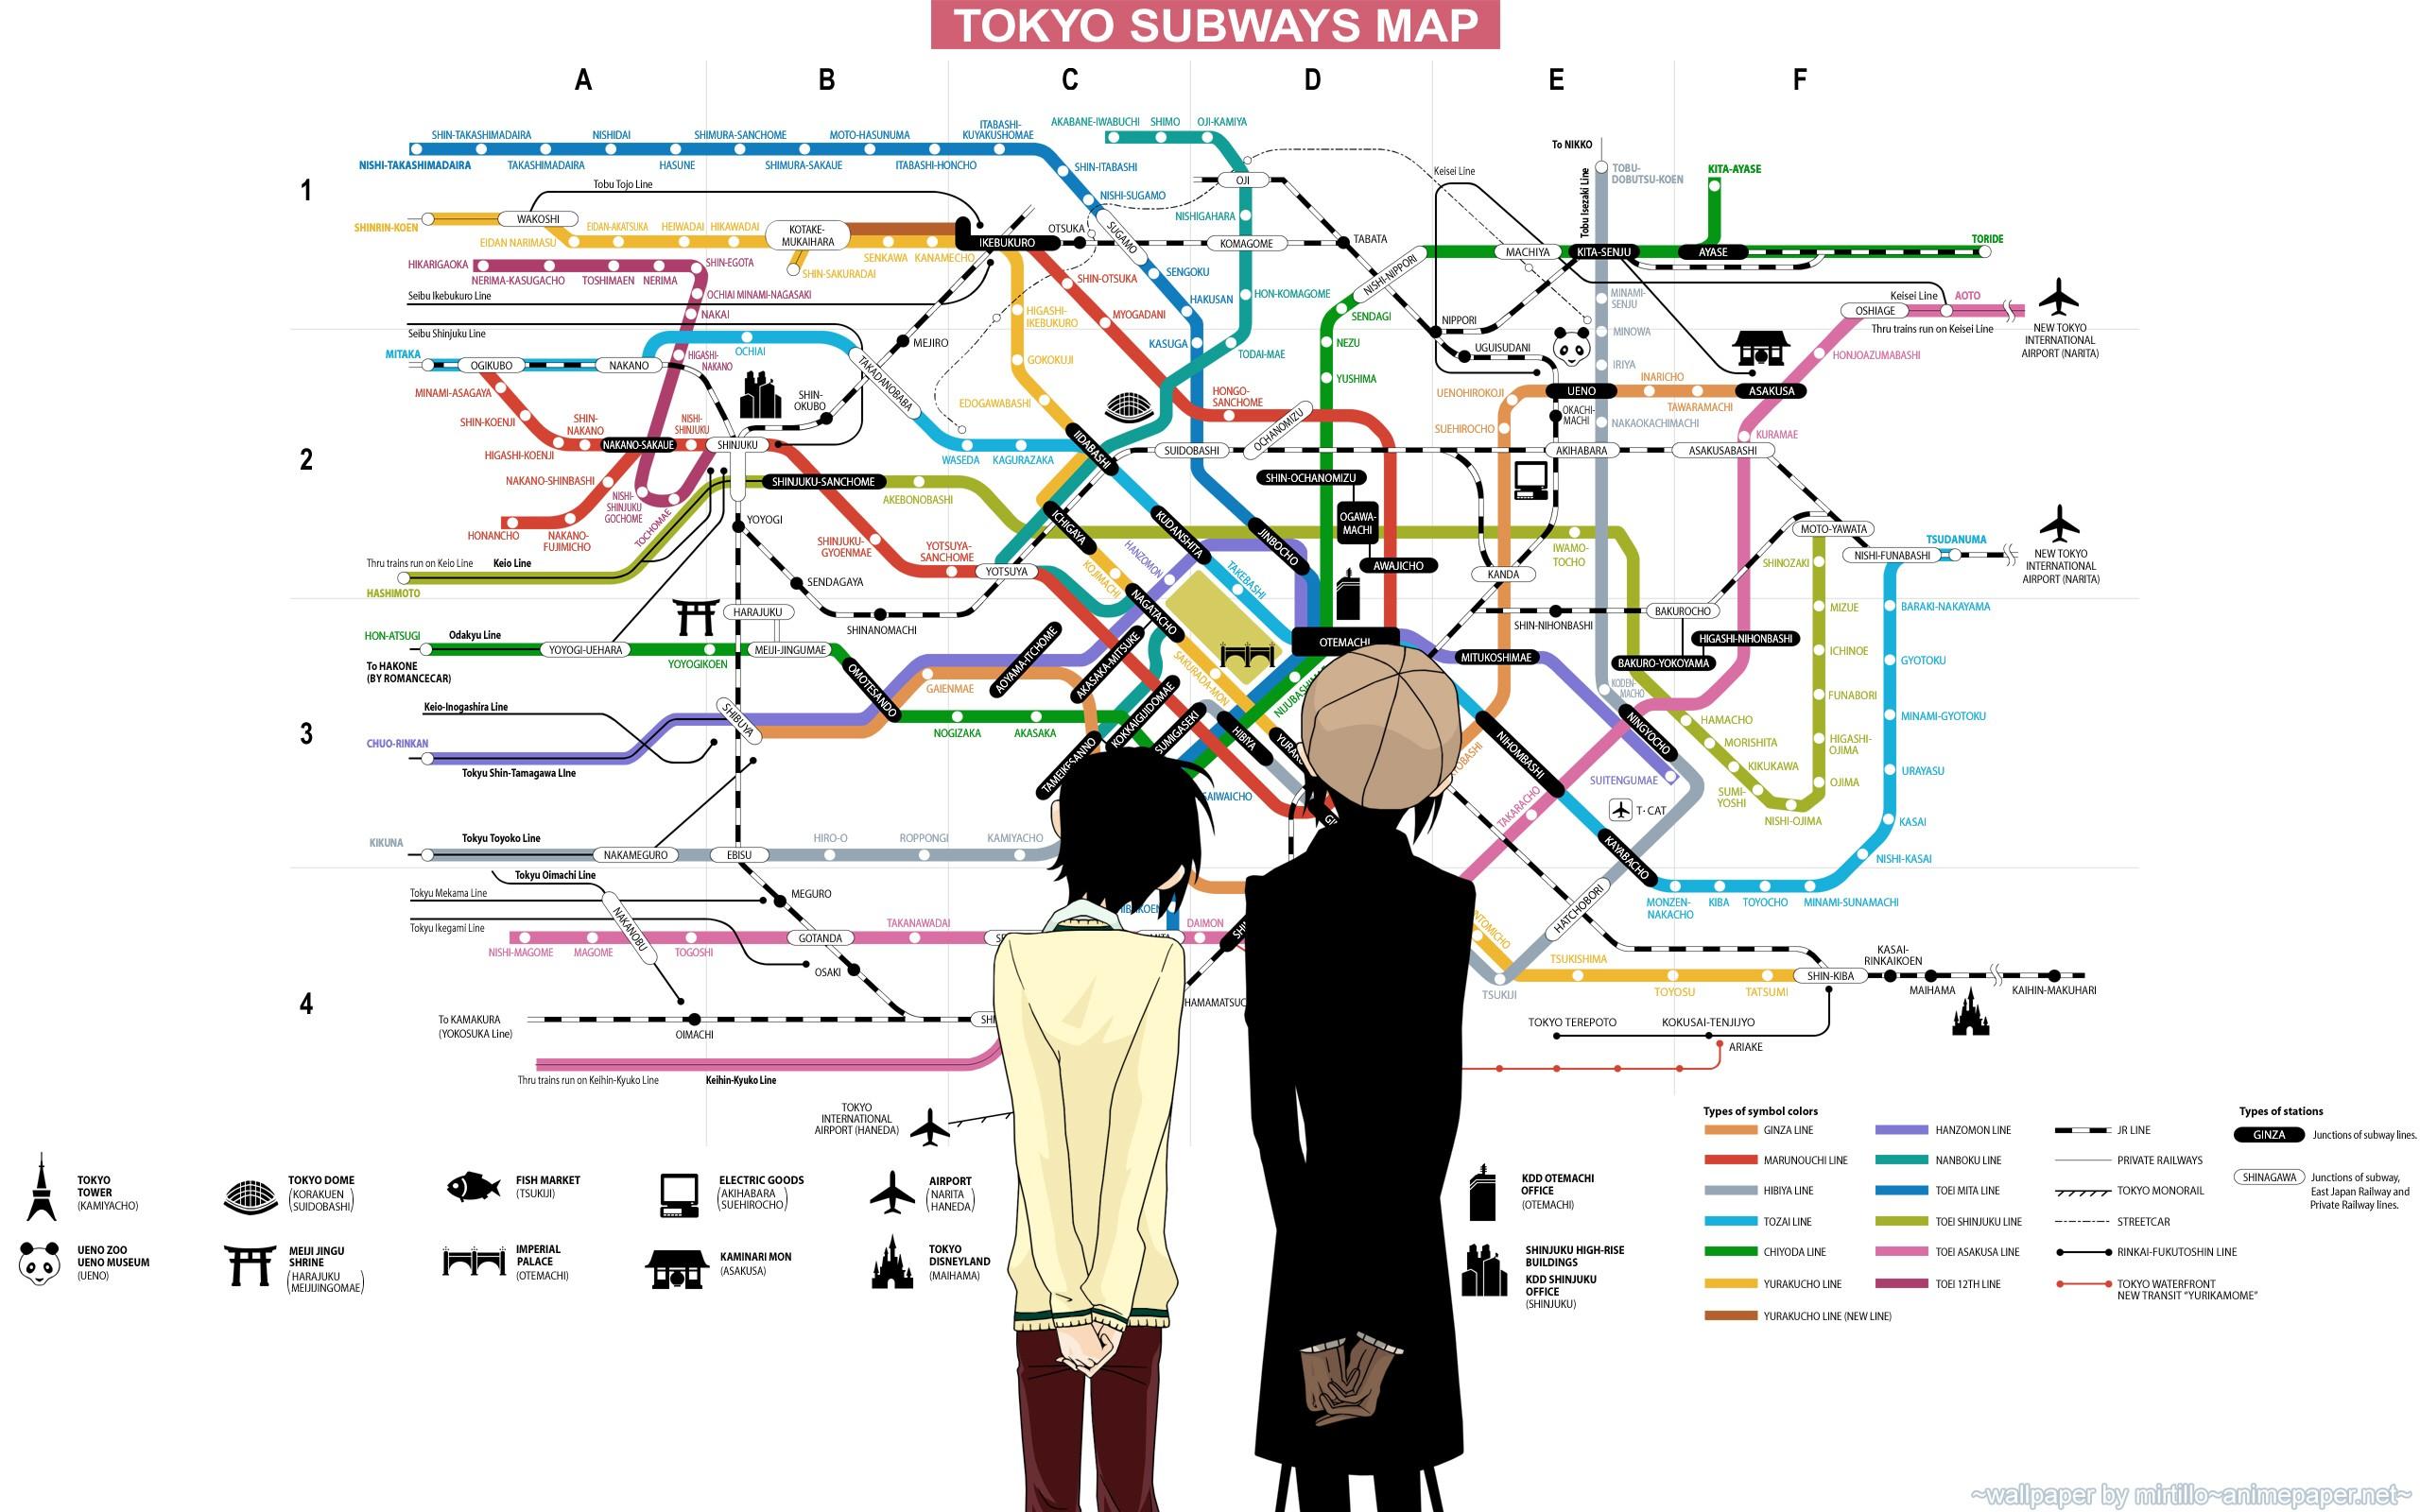 Hintergrundbilder : Zeichnung, Illustration, Anime, Karte, U-Bahn ...